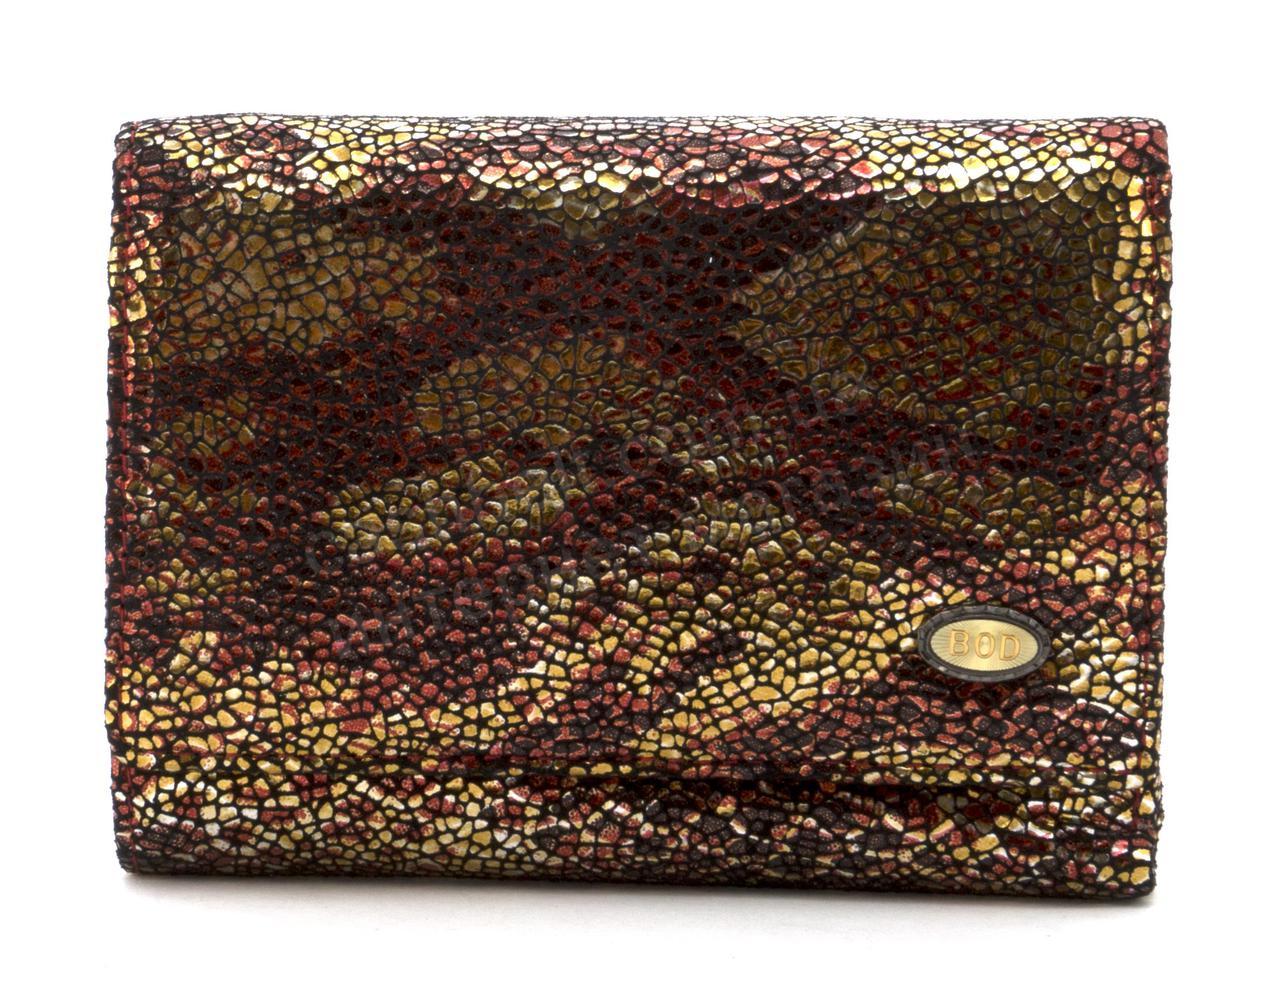 Компактный элитный женский кошелек с кожи лазерной обработки Bodenschatz art. BOD011-96 разные цвета